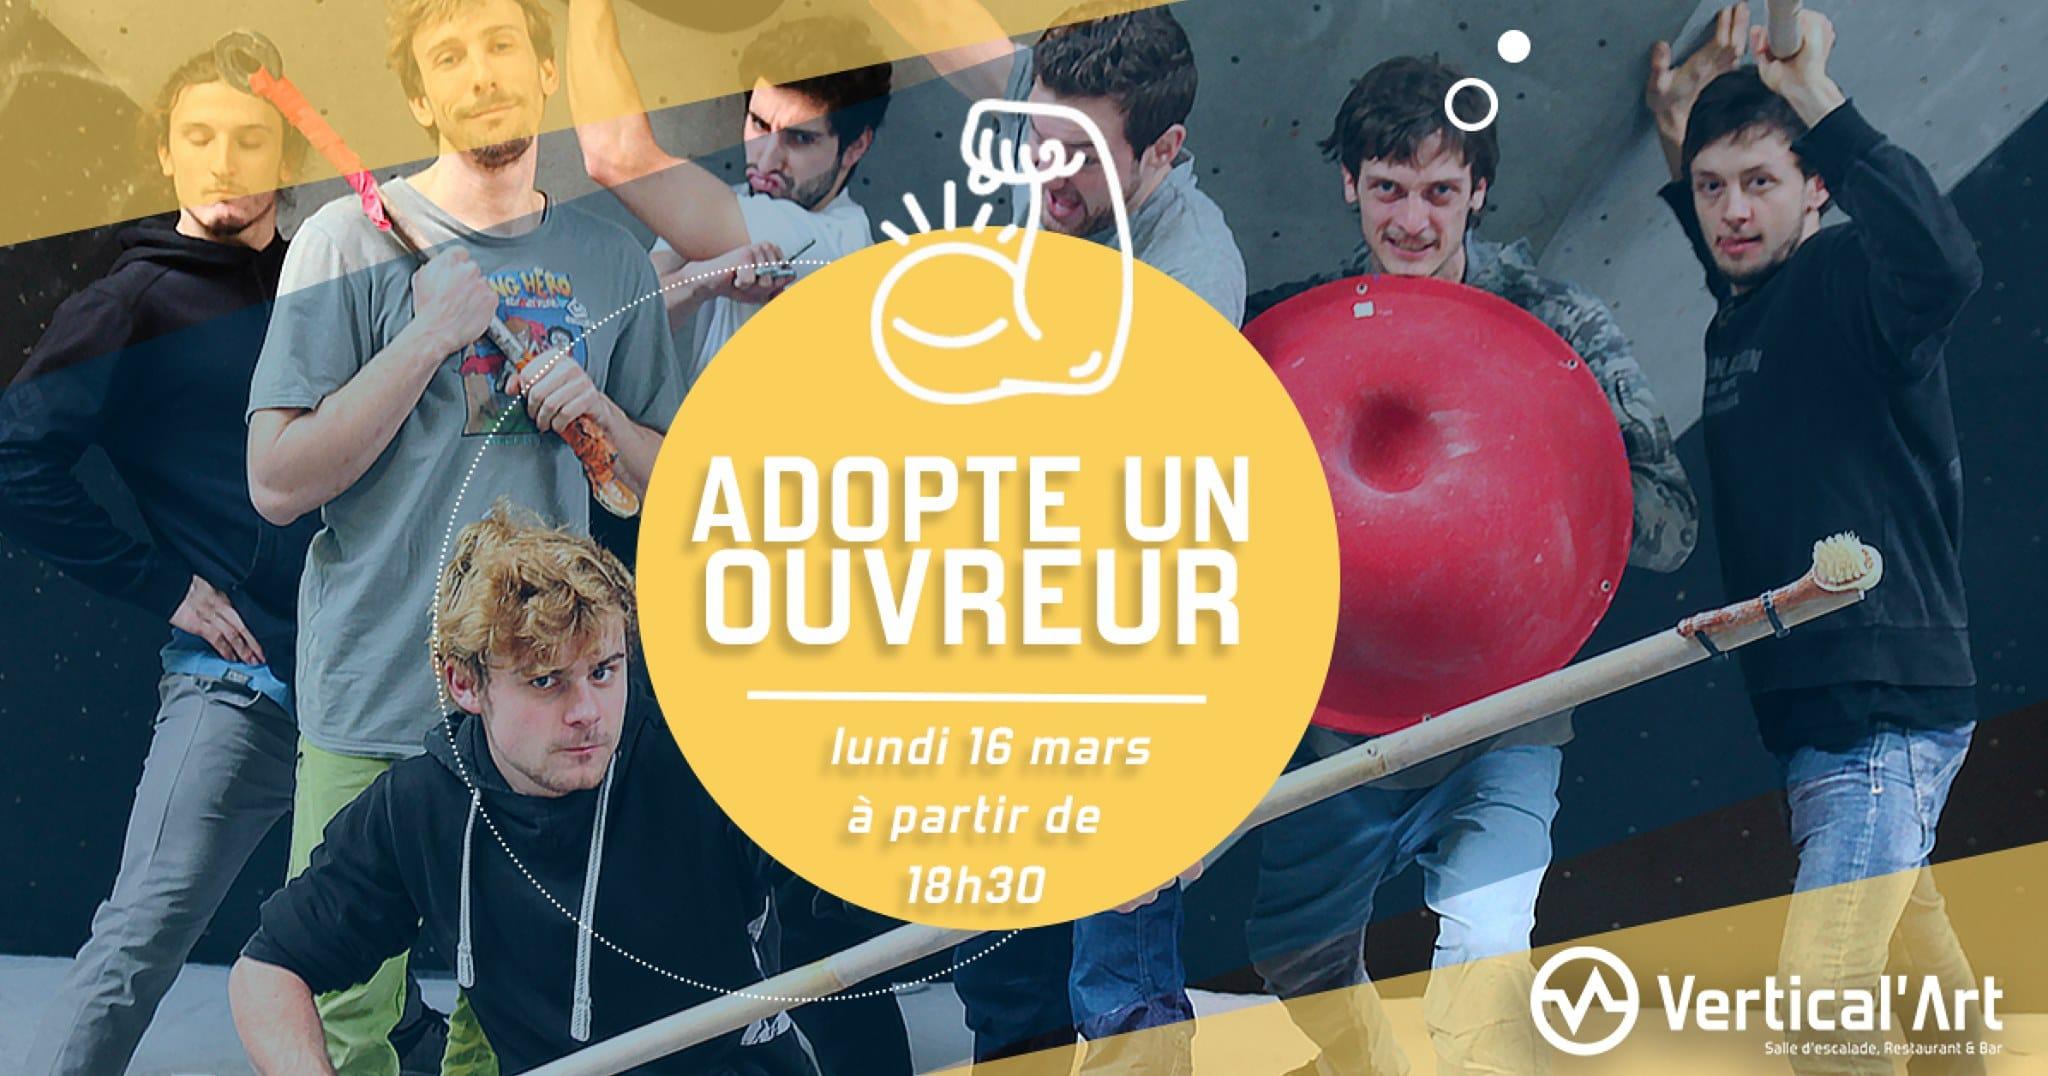 Adopte un ouvreur - Contest équipe escalade de bloc - Vertical'Art - SQY - Ouvreurs et grimpeurs - Maxi-master class-Vertical'Art- Salle d'escalade animée - Vertical'Art SQY-